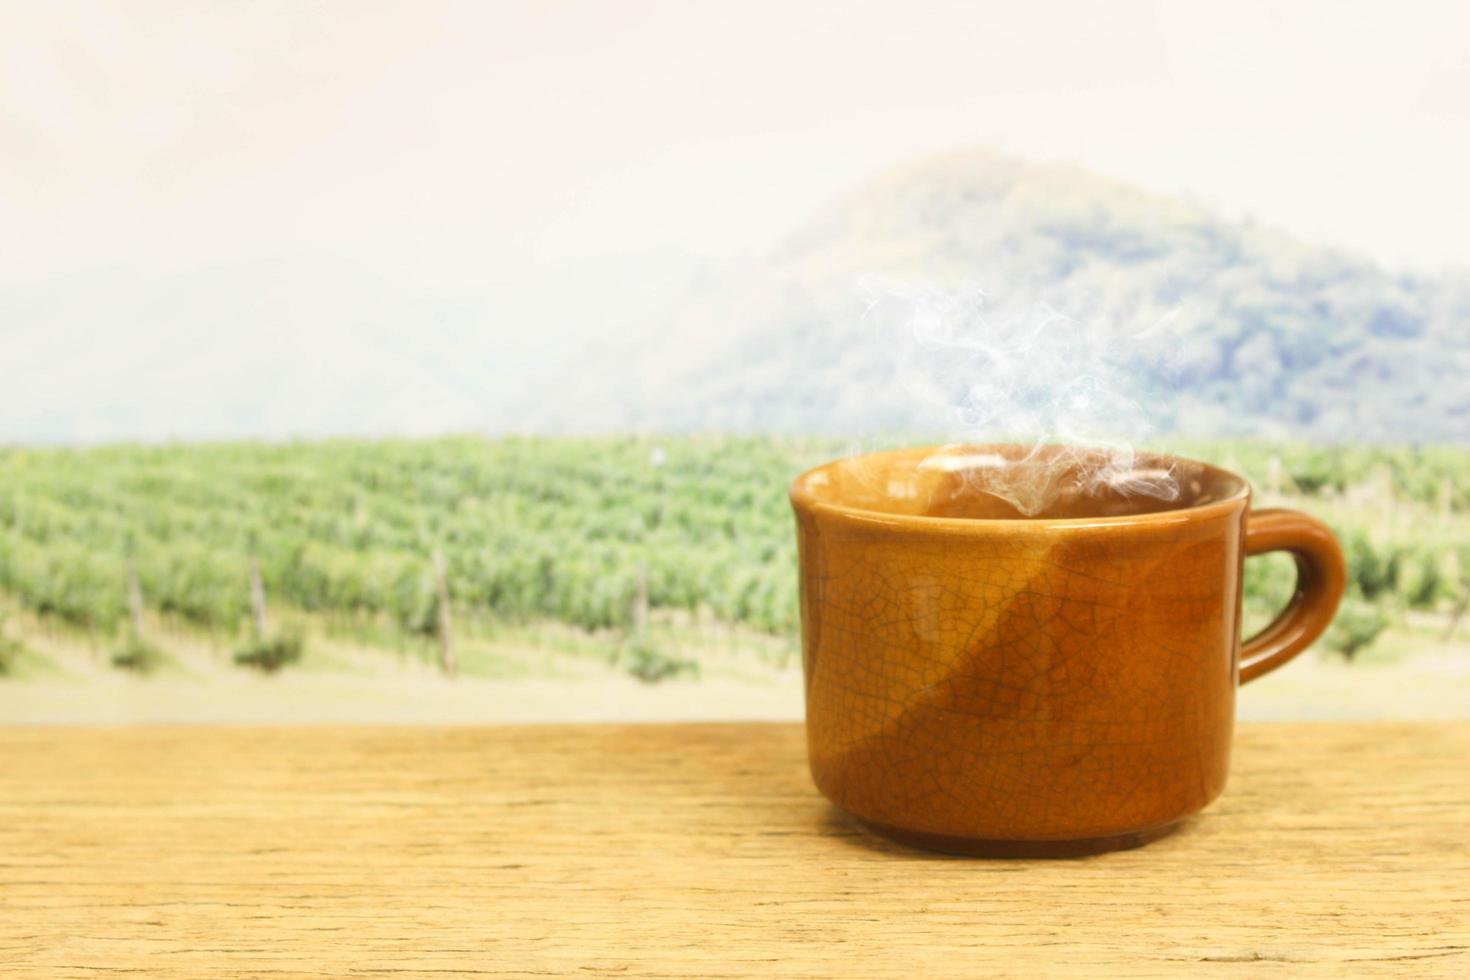 tasse à café marron devant un champ photo